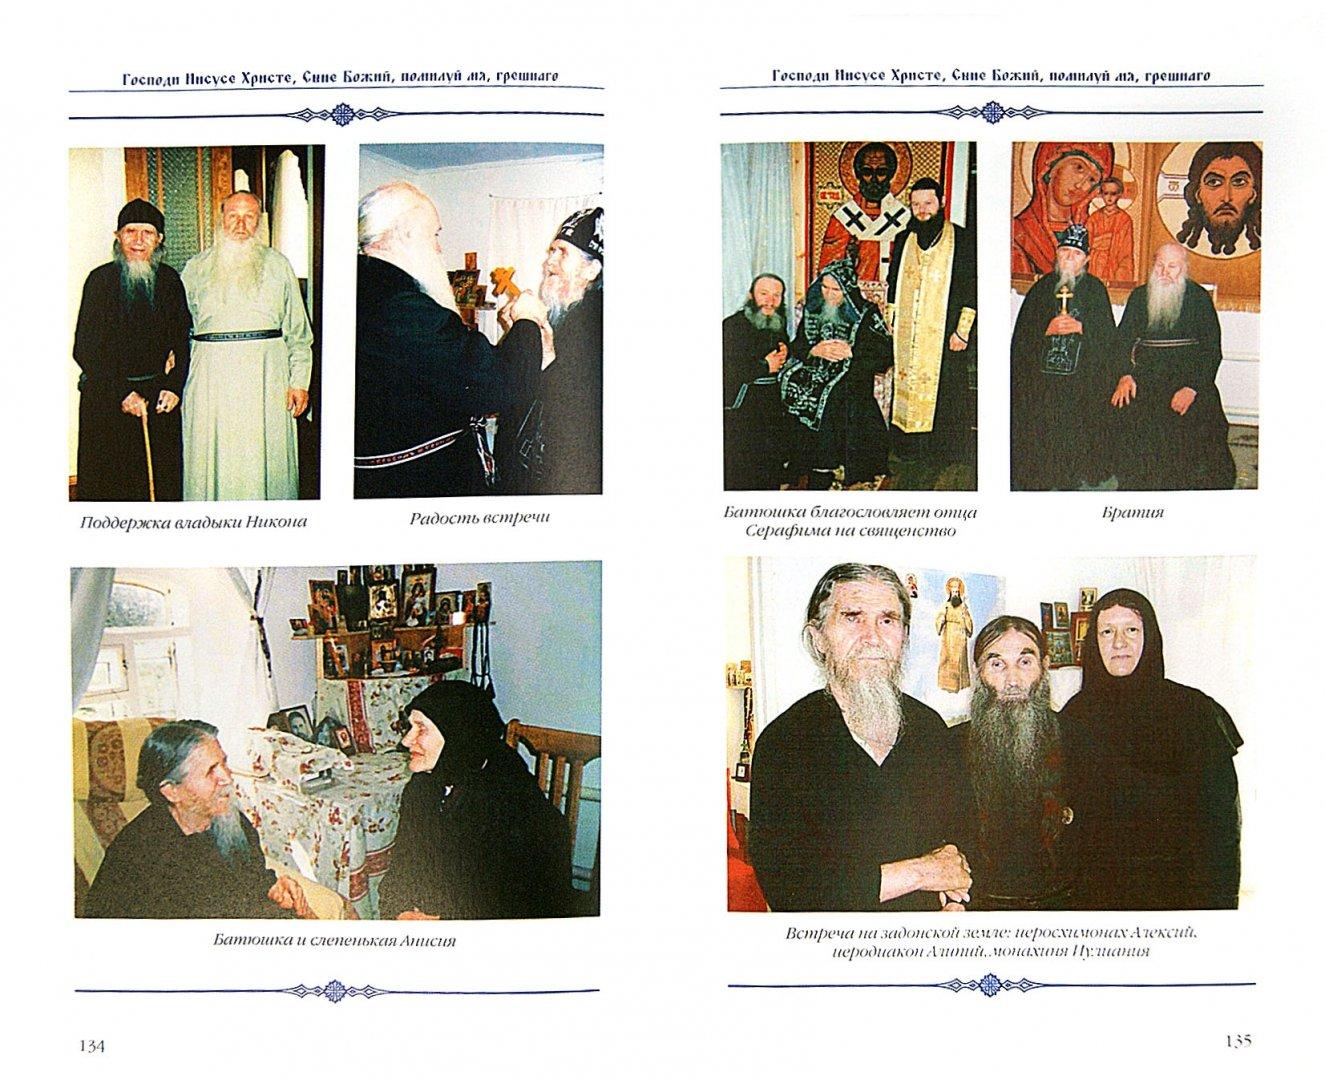 Иллюстрация 1 из 3 для Он хотел жить и умереть странником. Воспоминания об иеросхимонахе Алексии | Лабиринт - книги. Источник: Лабиринт